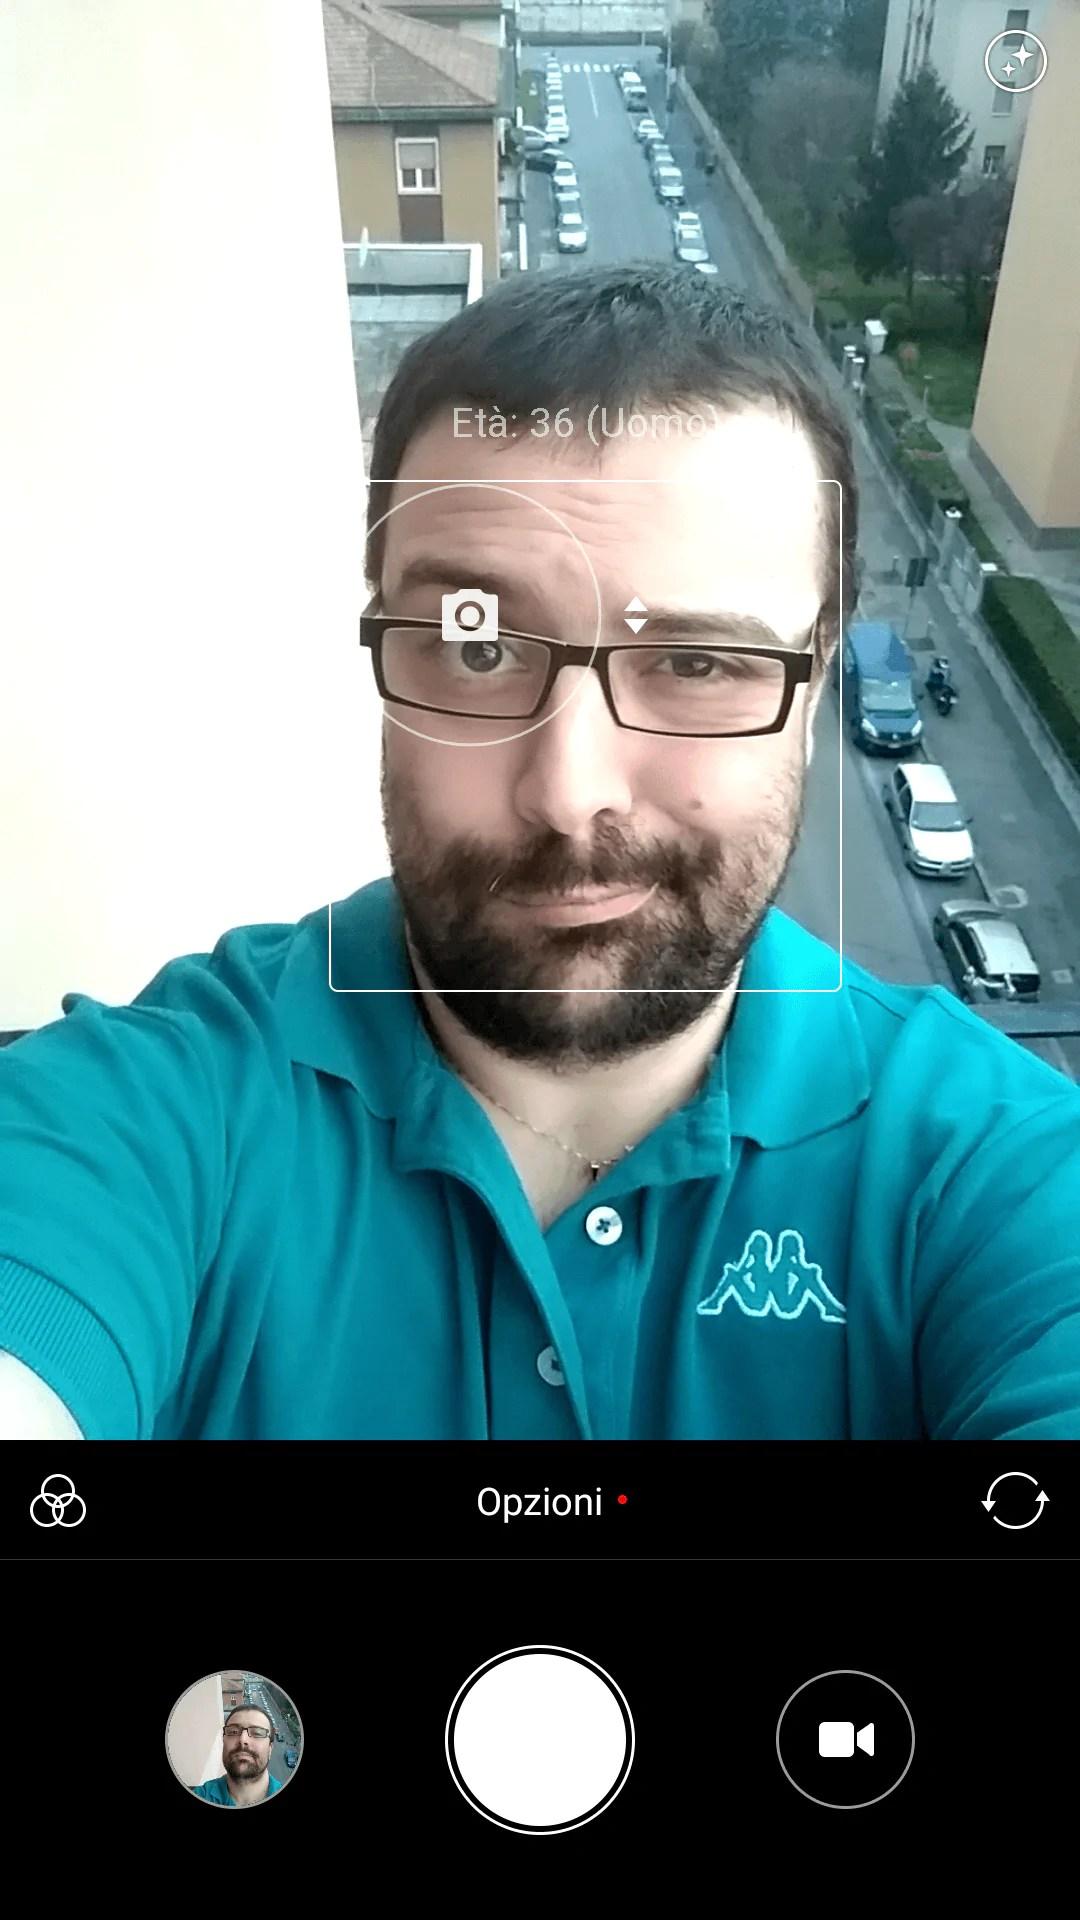 Xiaomi Mi A1: Android in purezza nella fascia media-bassa 23